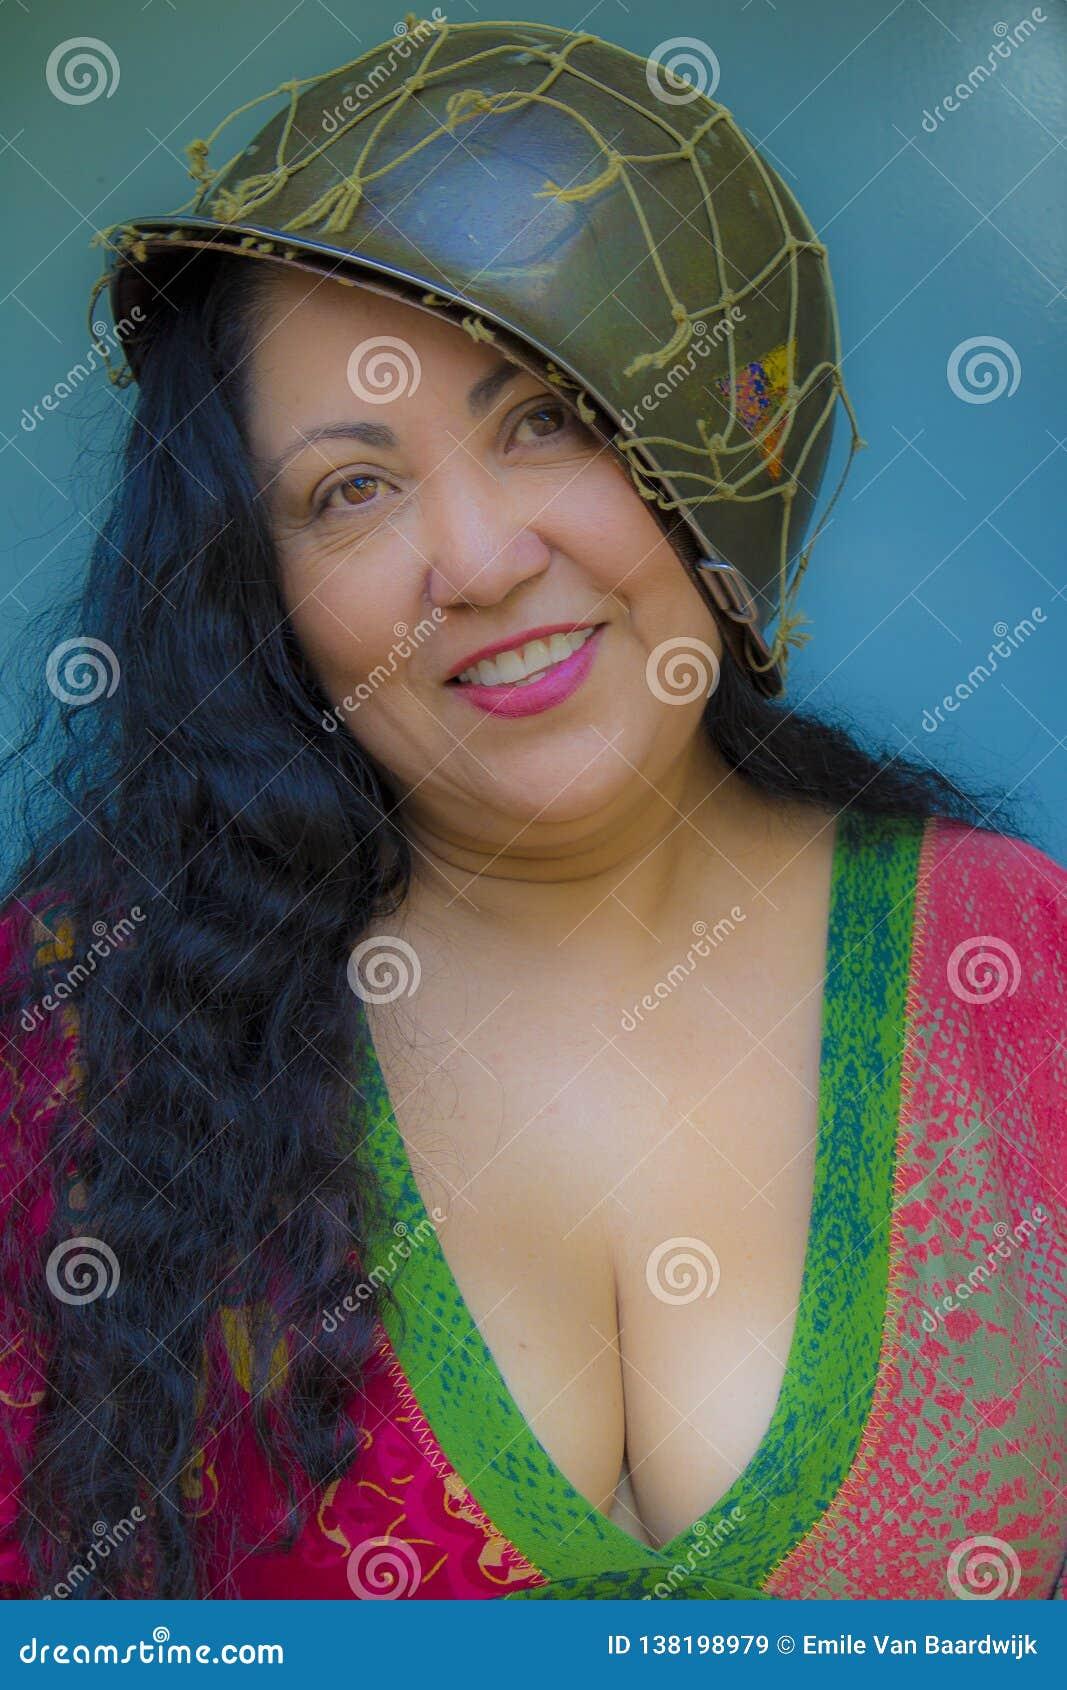 Immagine Piacevole Di Una Donna Sorridente Con Capelli ...